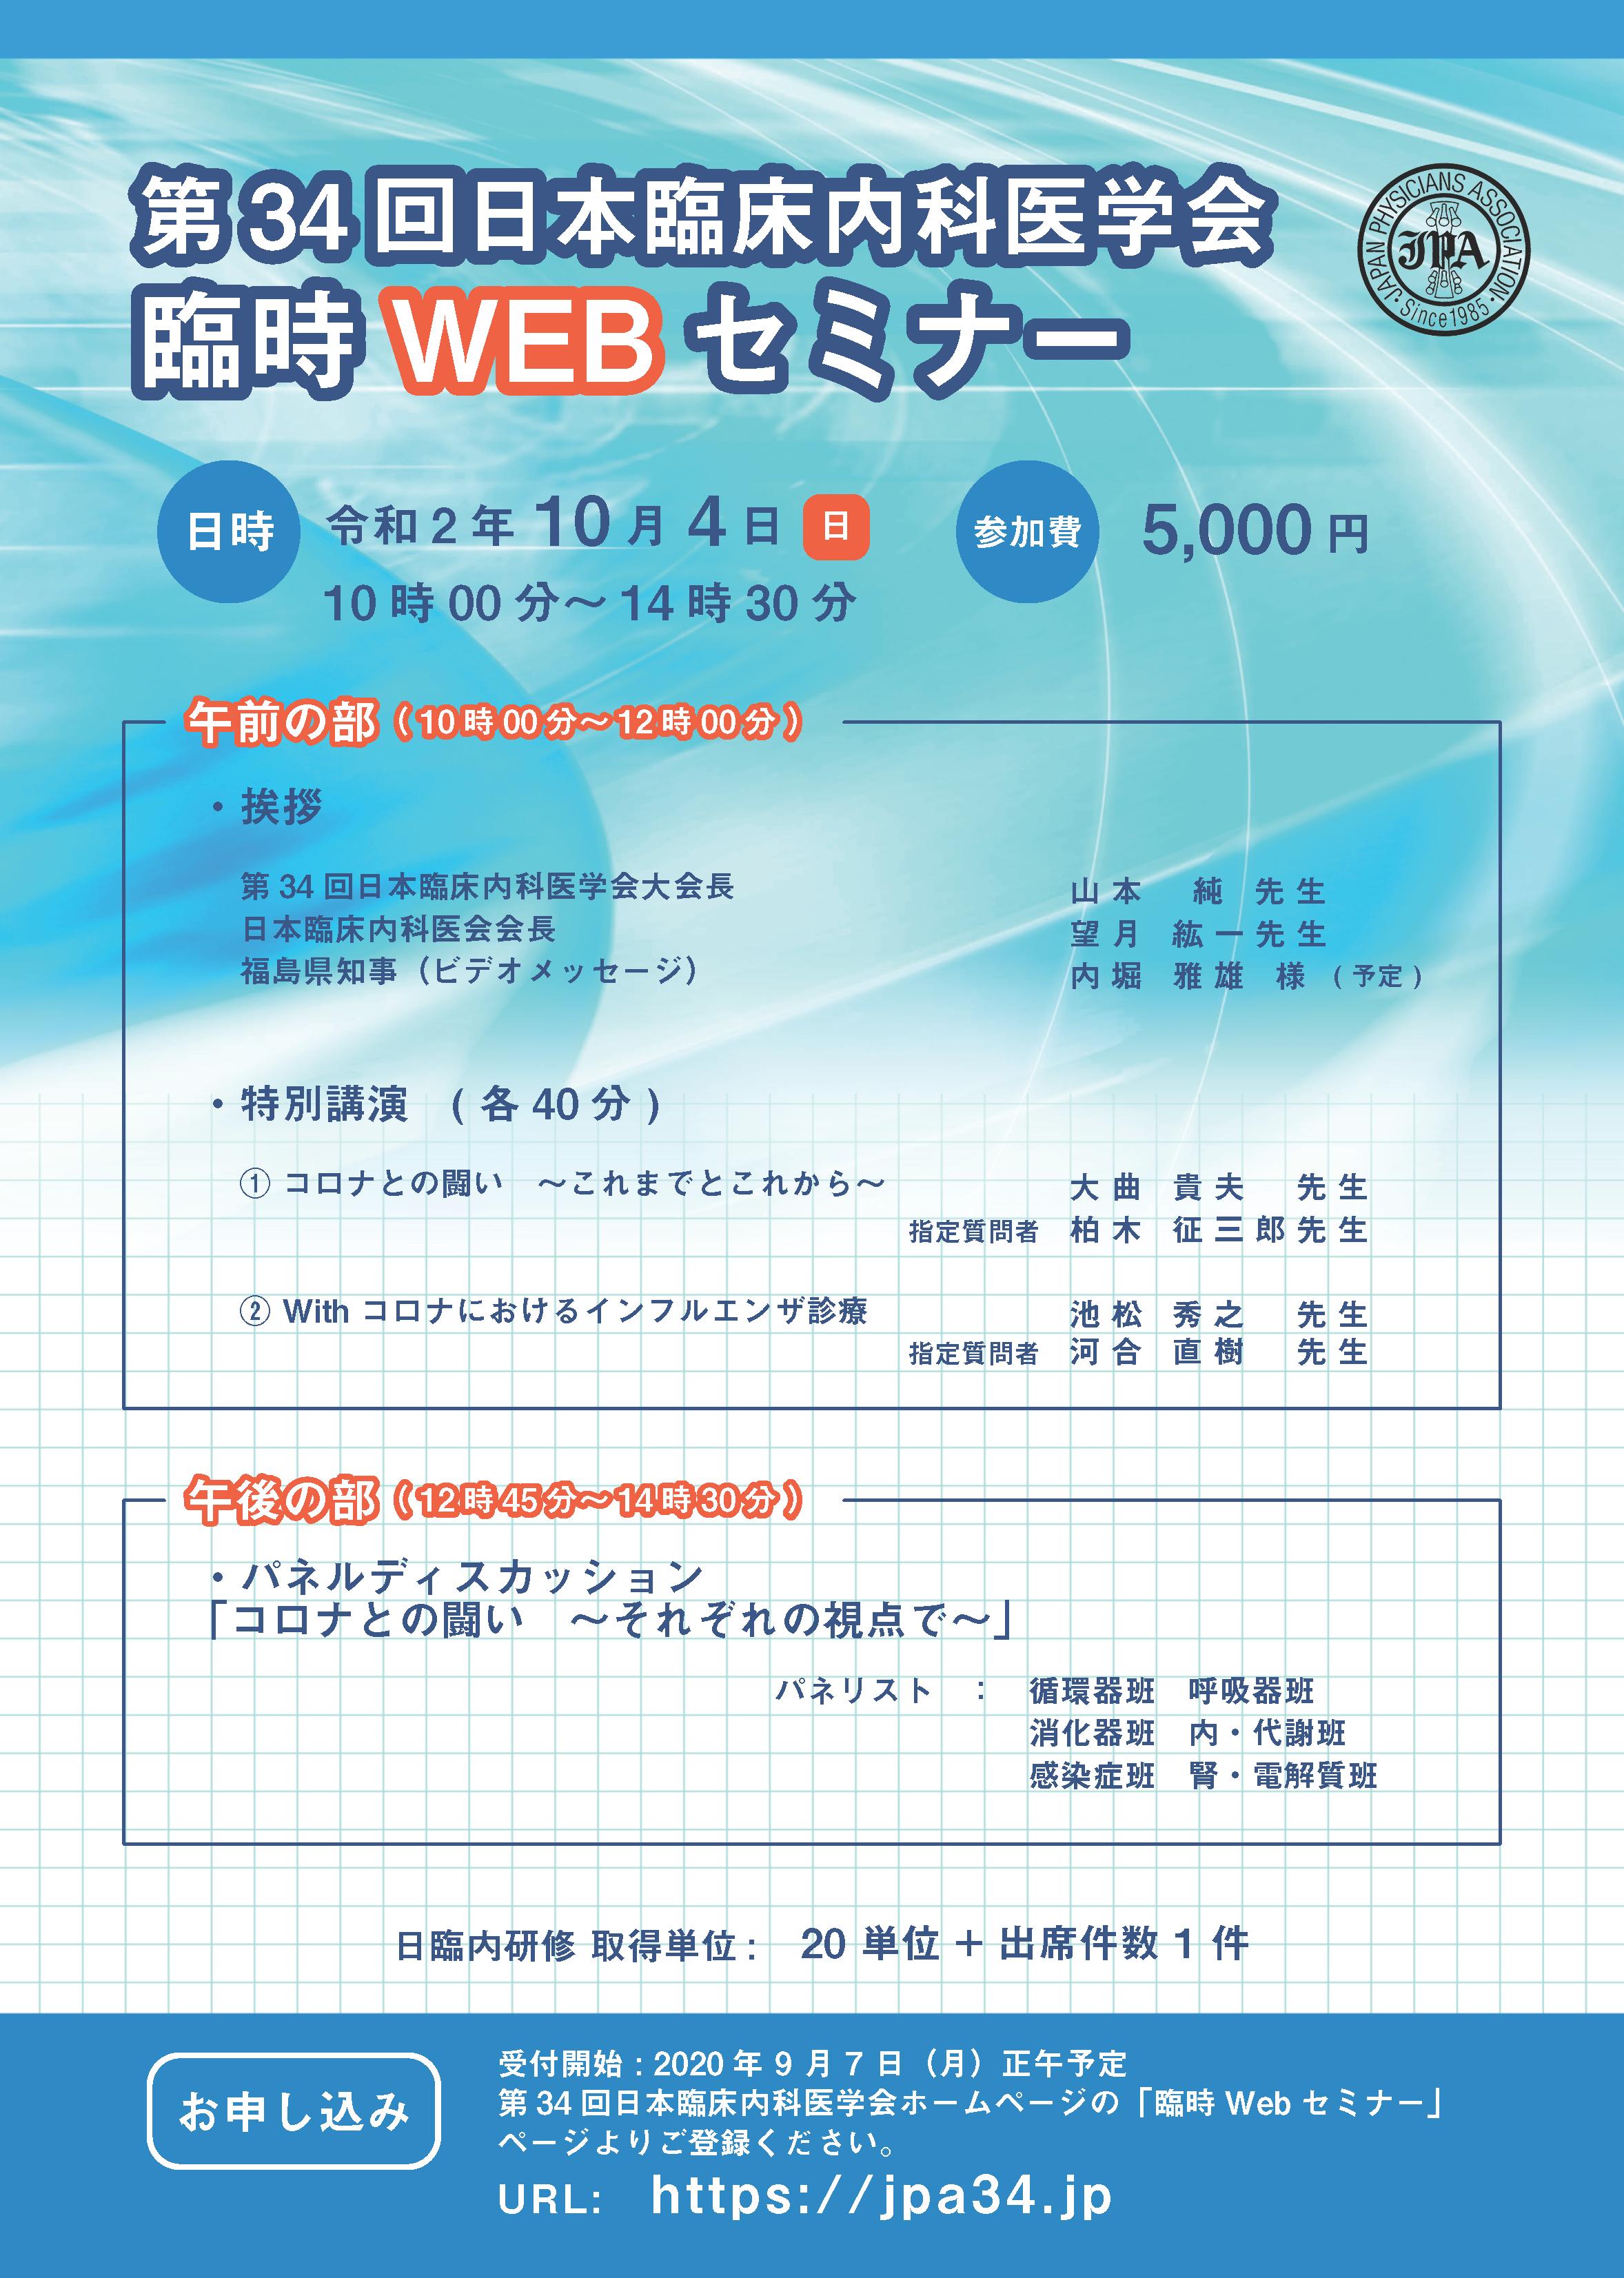 japha34th-web-20201004.png